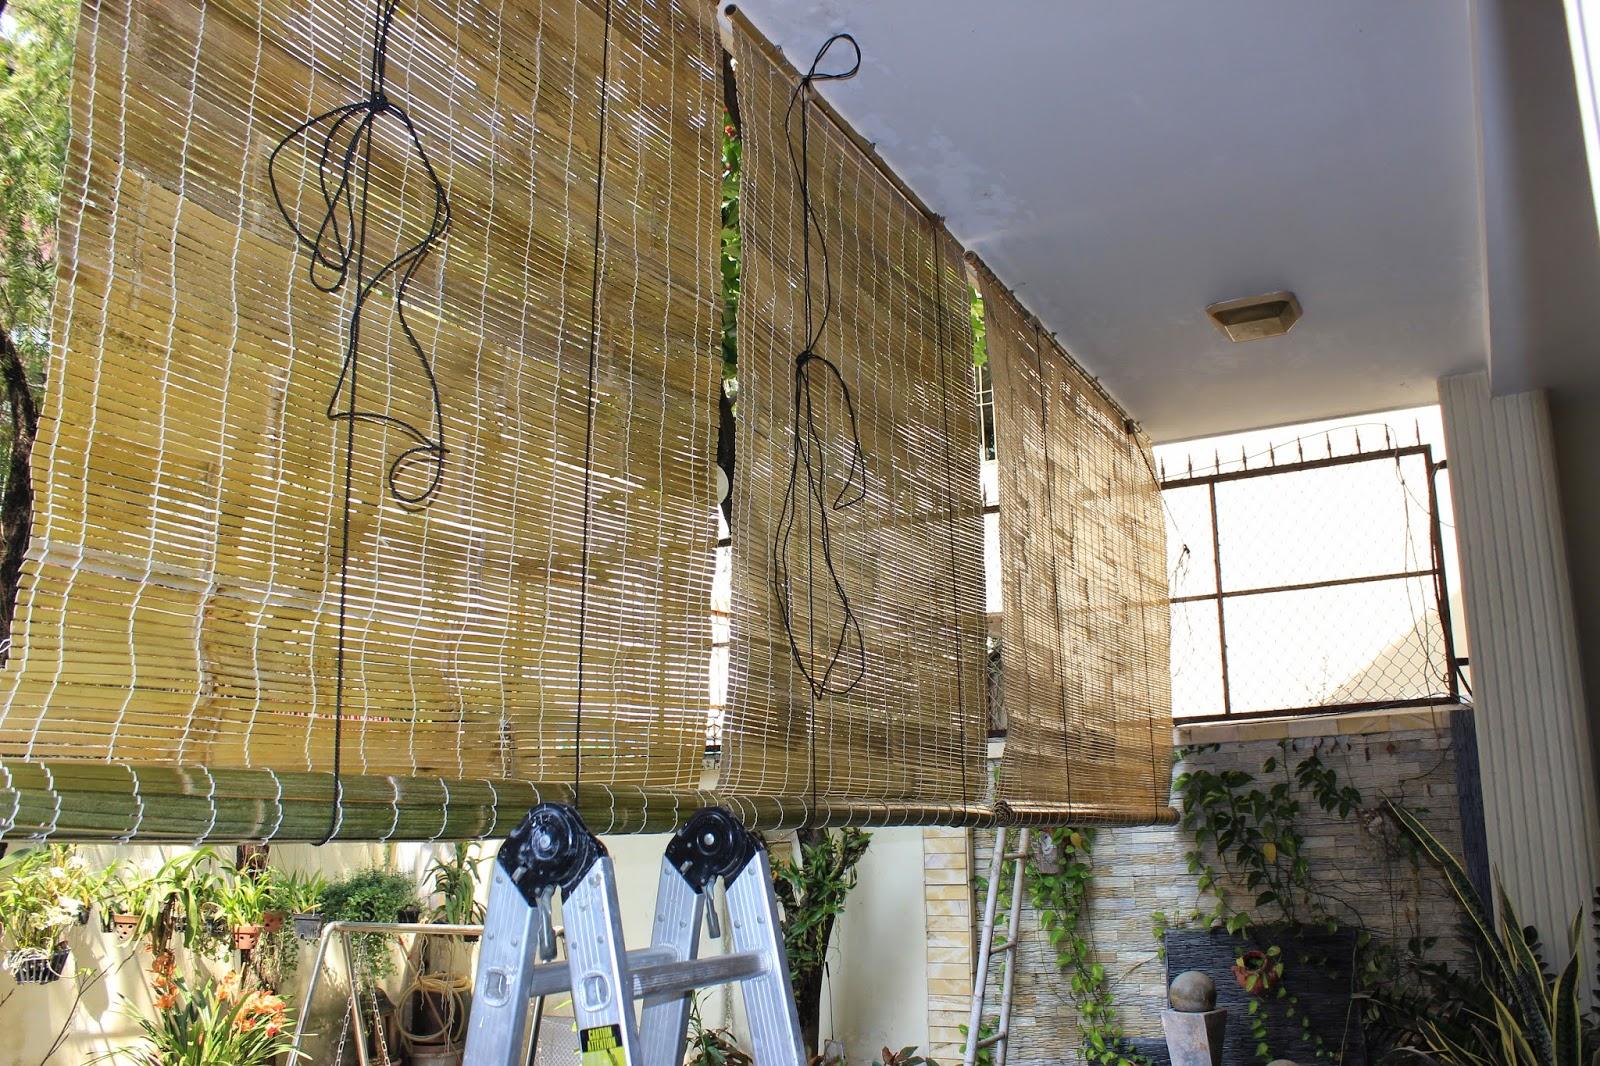 Rèm tre trúc ngoài ban công